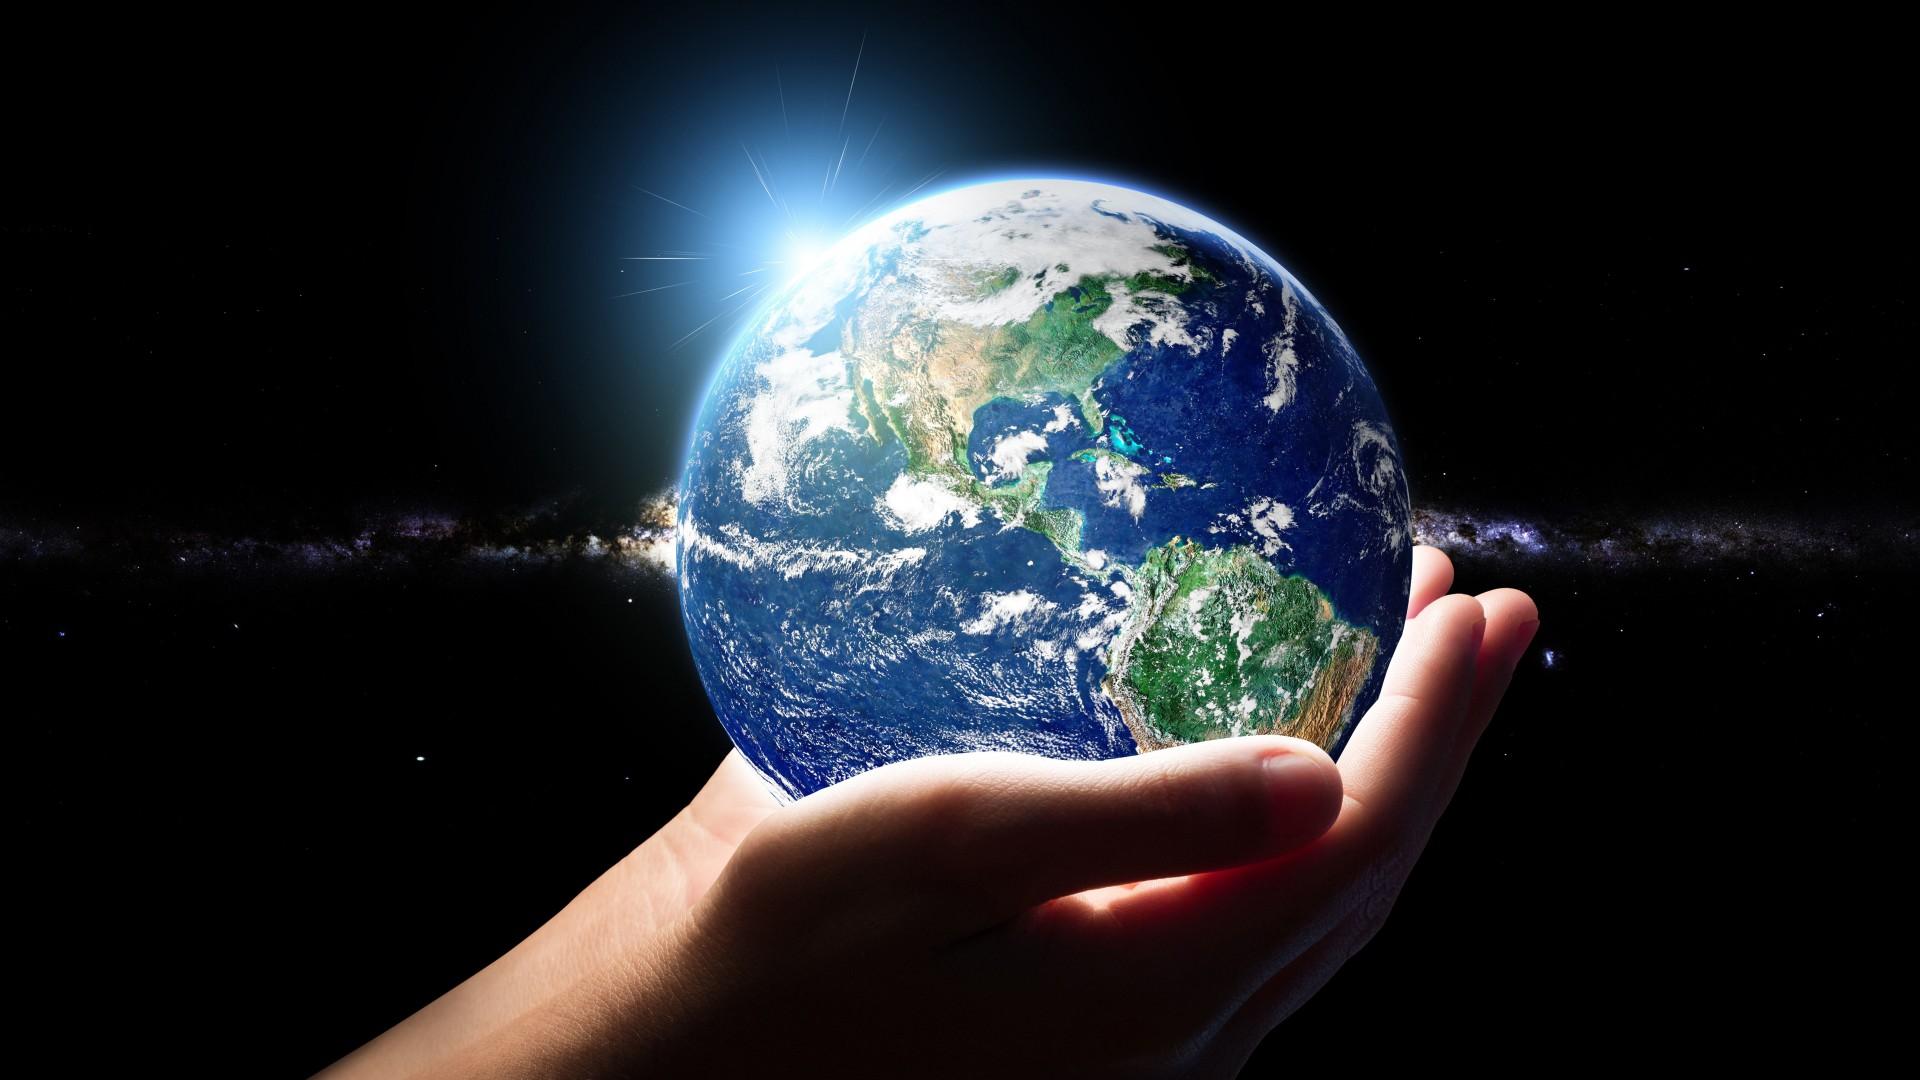 地球空间创意设计PPT背景图片免费下载是由PPT宝藏(www.pptbz.com)会员zengmin上传推荐的简约PPT背景图片, 更新时间为2017-01-21,素材编号120587。 地球(英语:Earth)是太阳系八大行星之一(2006年冥王星被划为矮行星,因为其运动轨迹与其它八大行星不同),按离太阳由近及远的次序排为第三颗。它有一个天然卫星月球,二者组成一个天体系统地月系统。地球作为一个行星,远在46亿年以前起源于原始太阳星云。地球会与外层空间的其他天体相互作用,包括太阳和月球。 地球是太阳